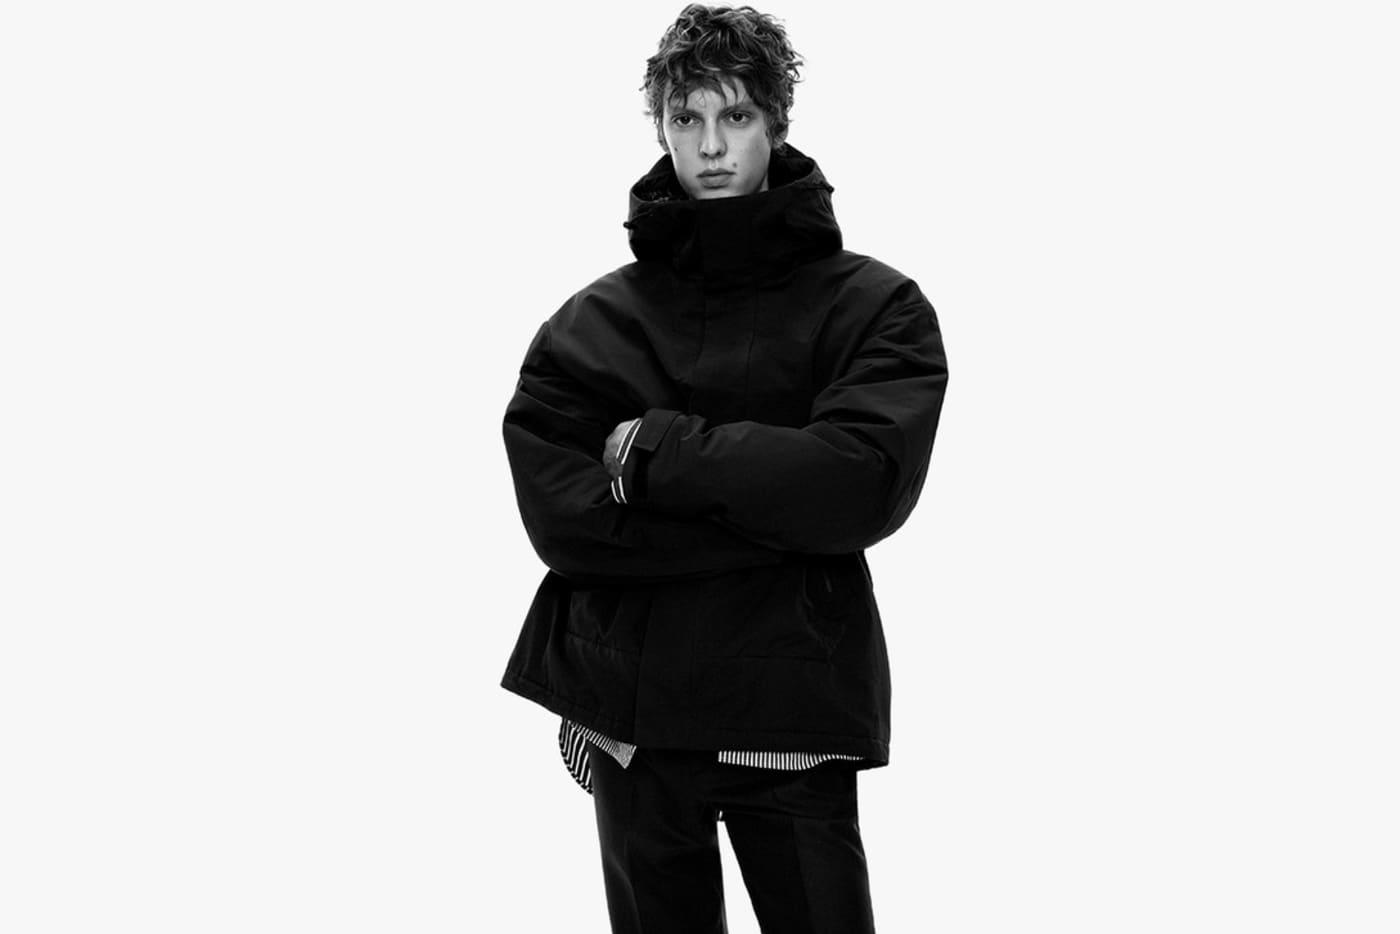 uniqlo j jil sander fall winter 2020 release details 01